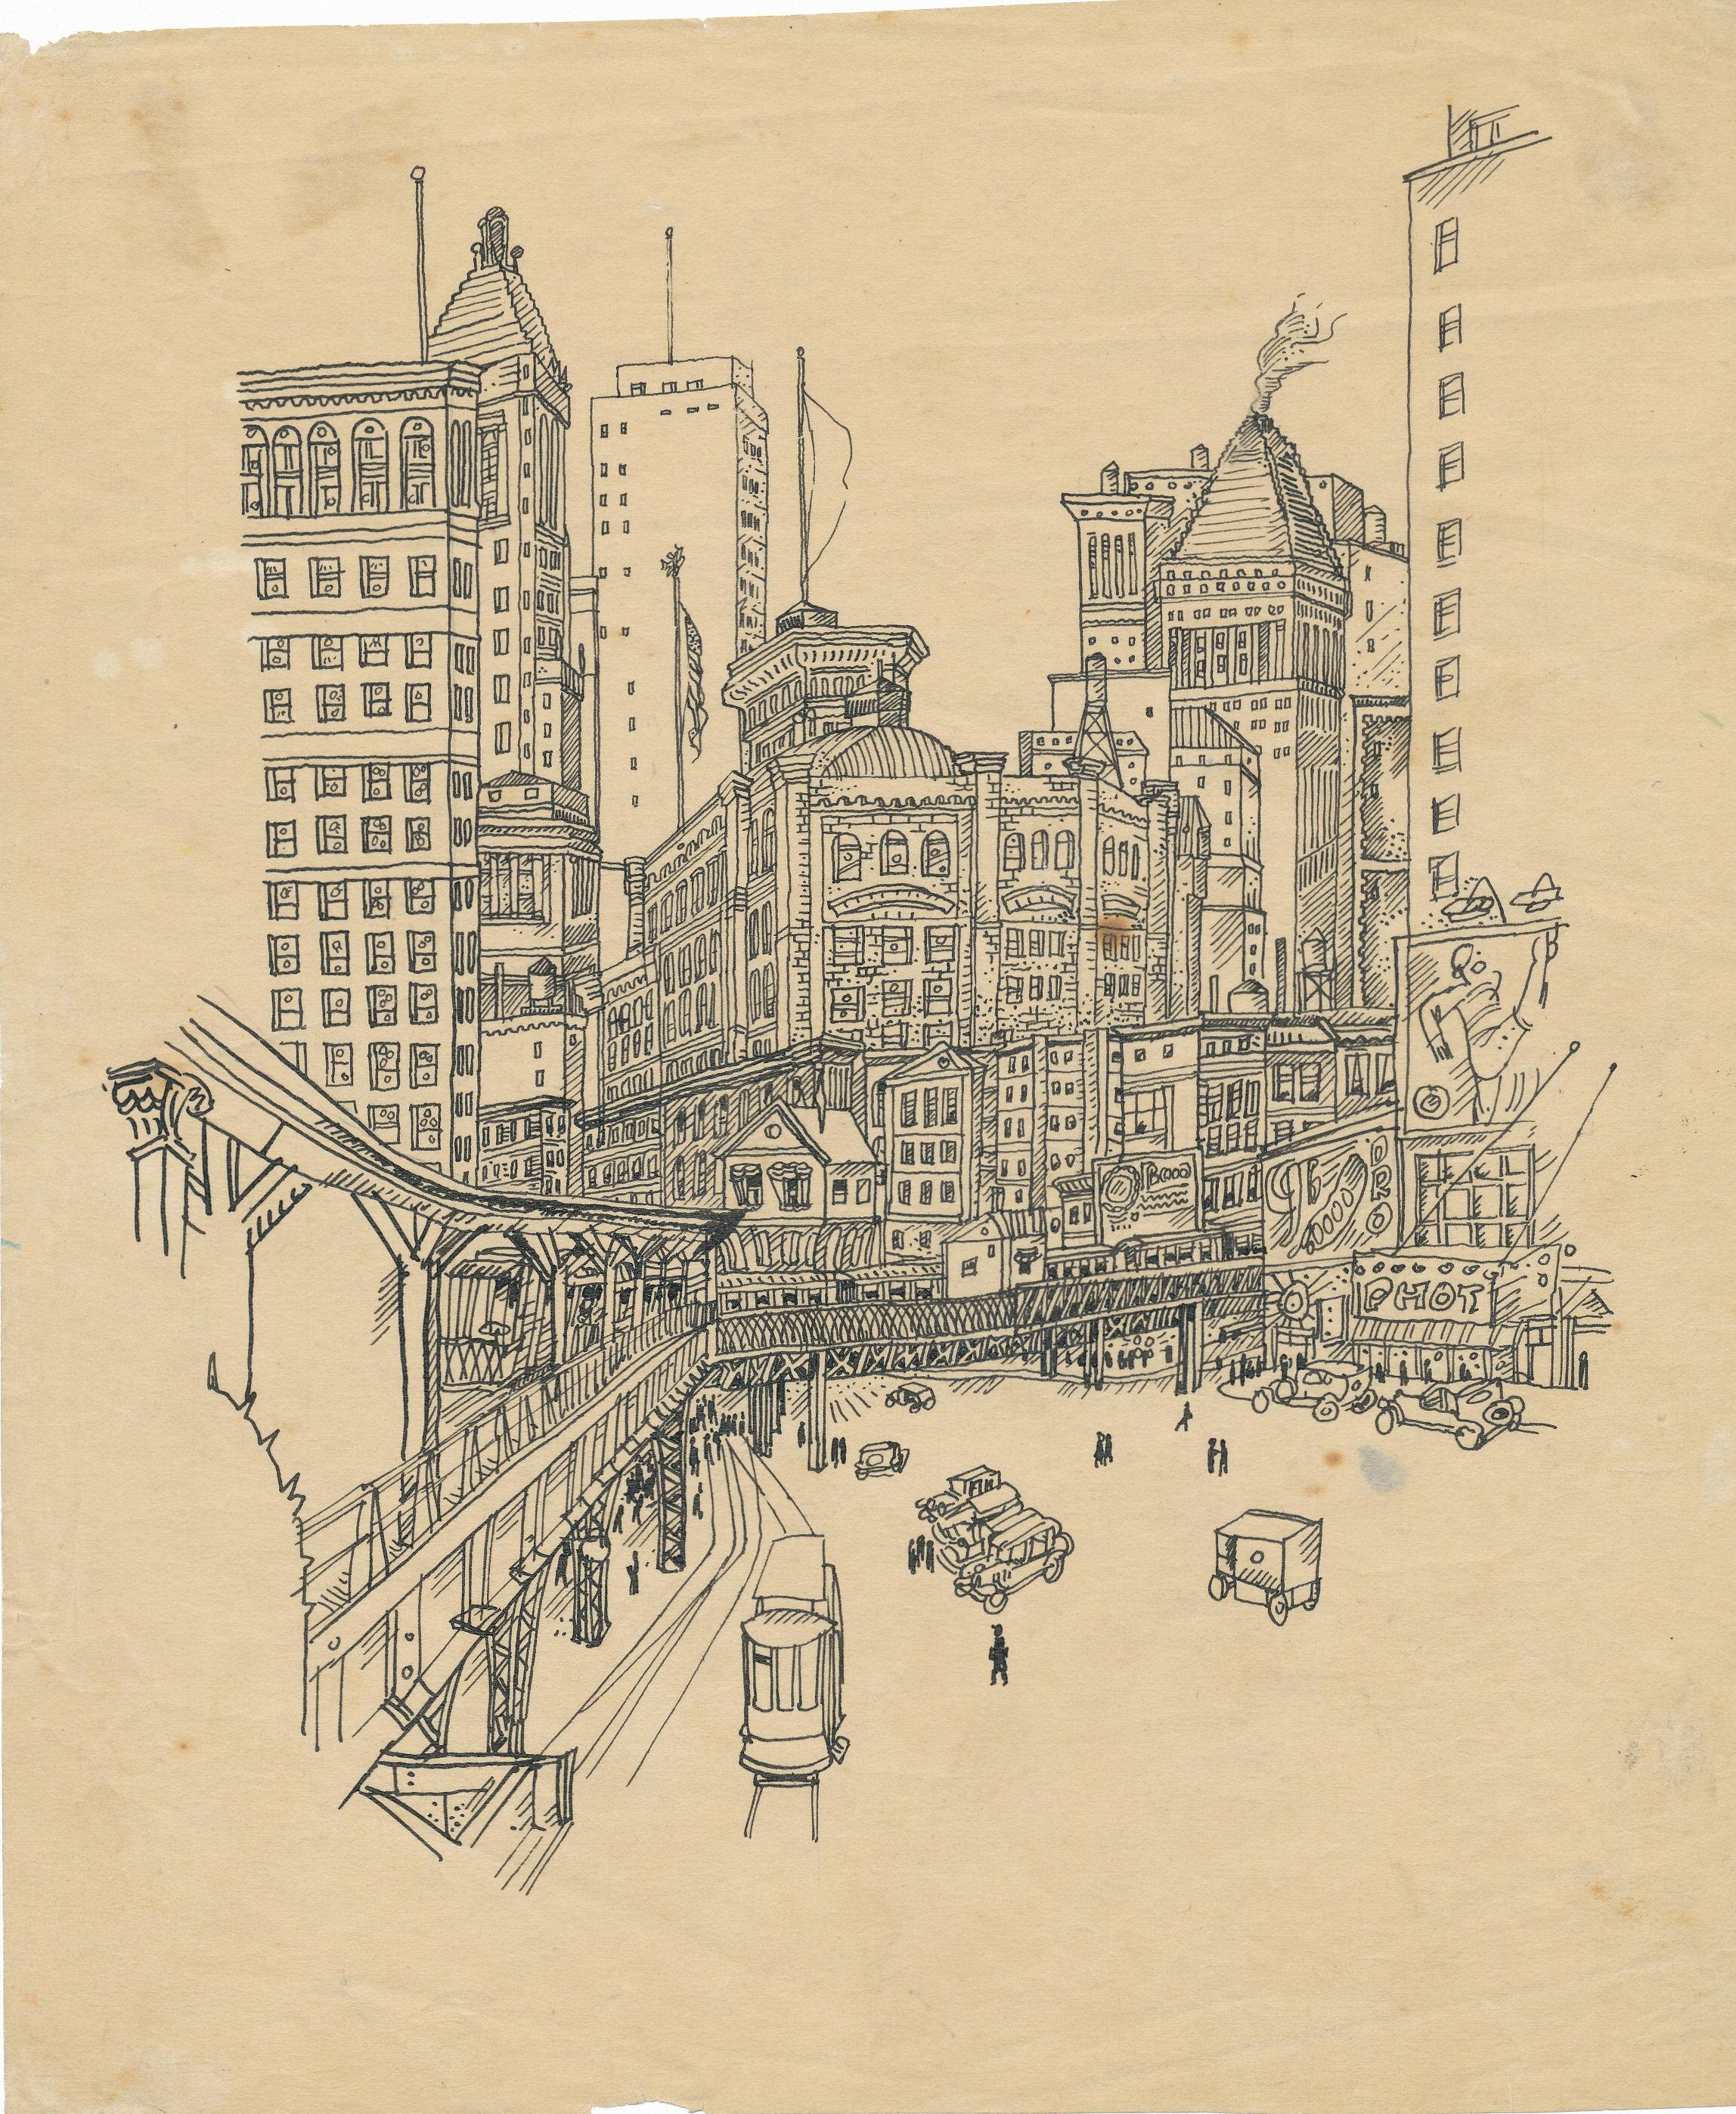 NY city, pen and ink 1930